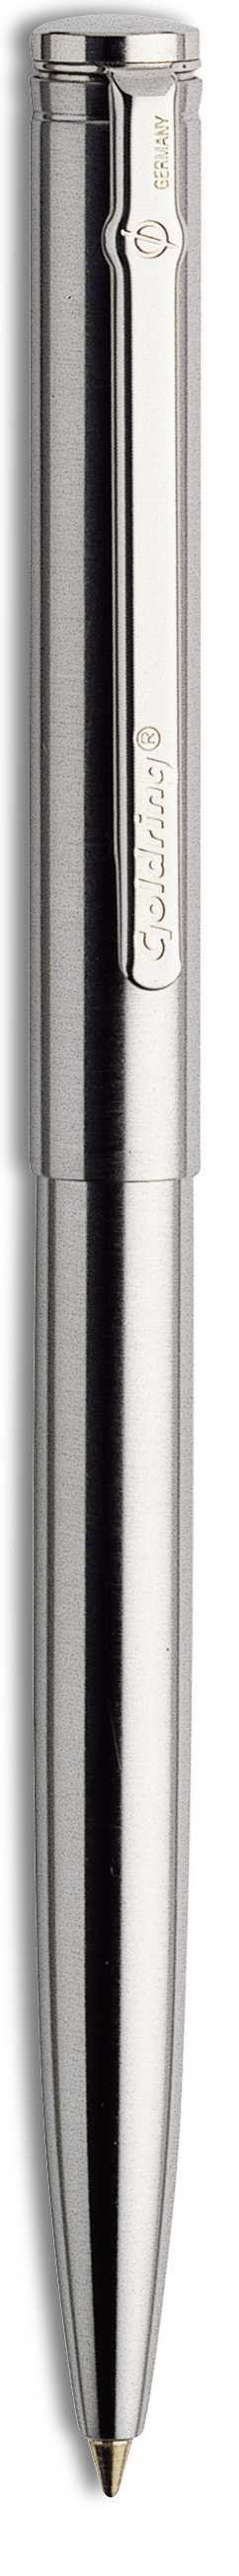 Goldring AUTOMATIC propisovací tužka s razítkem Trodat 2-3 řádky